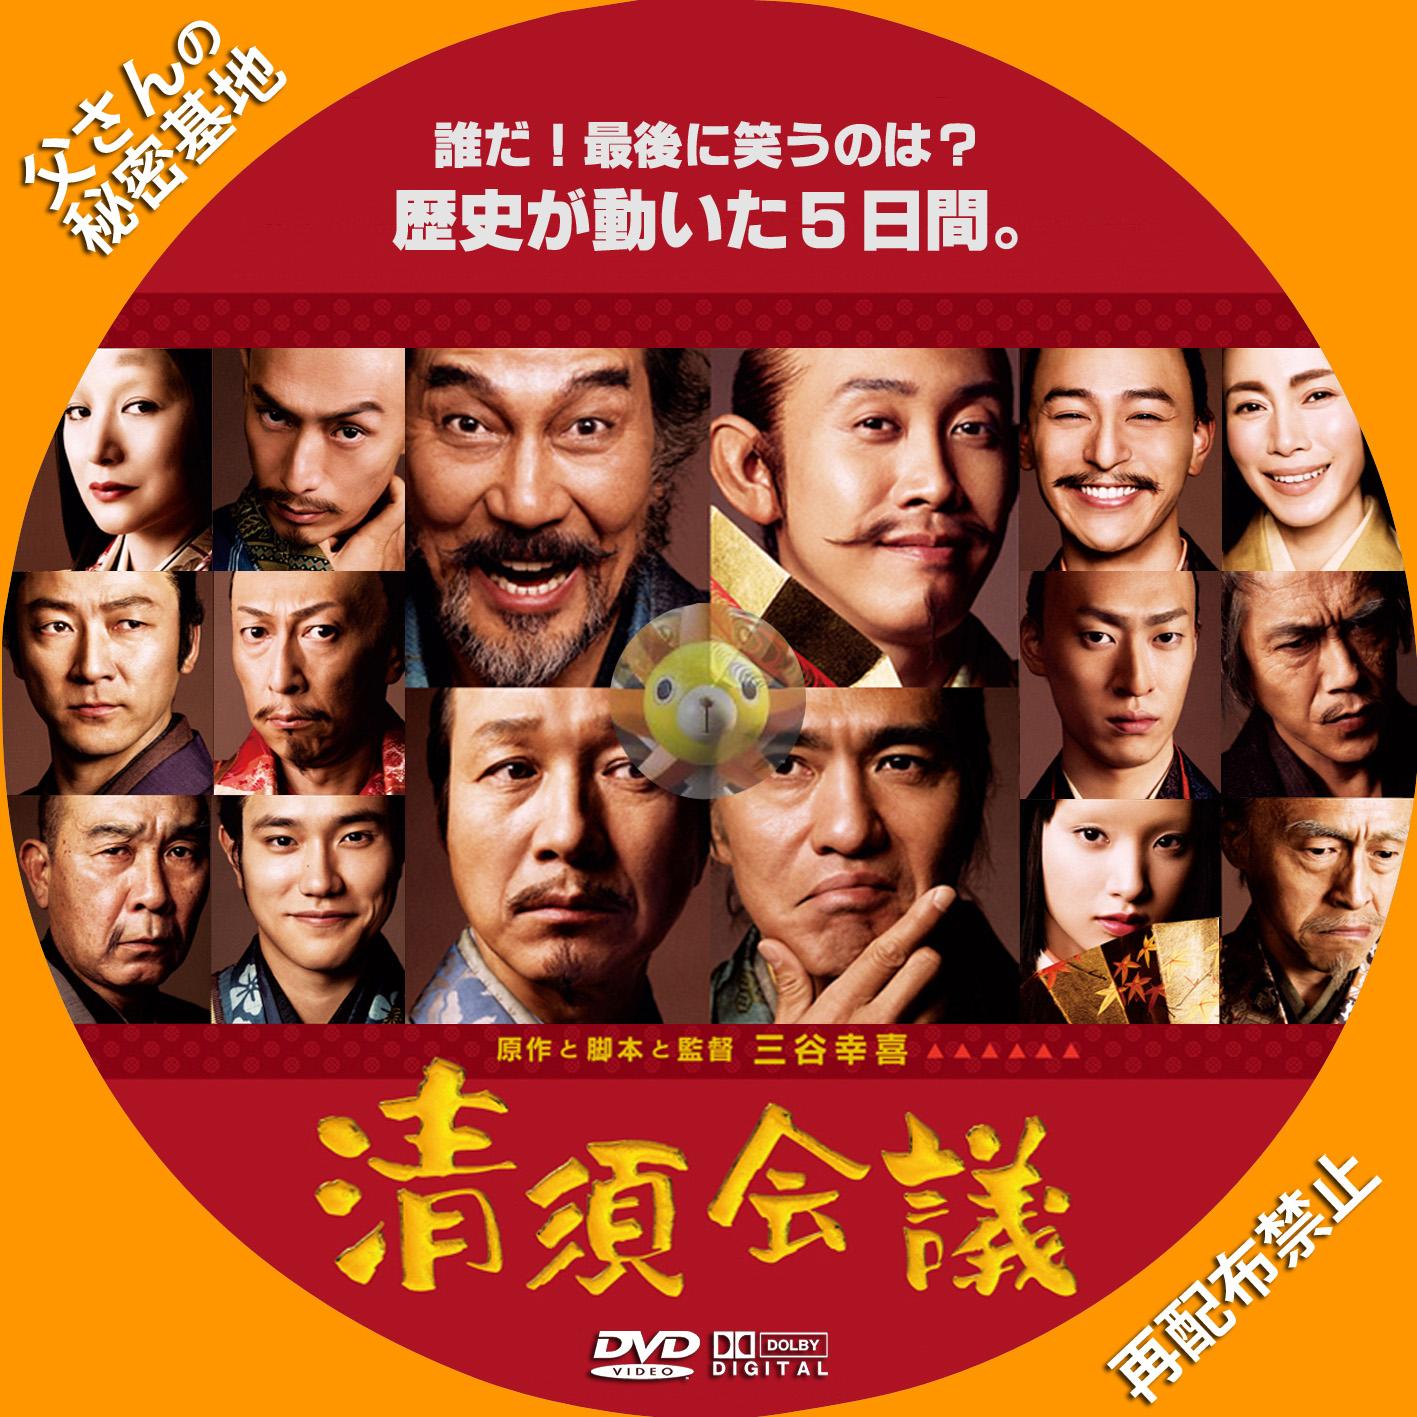 kiyosukaigi_DVD_01.jpg